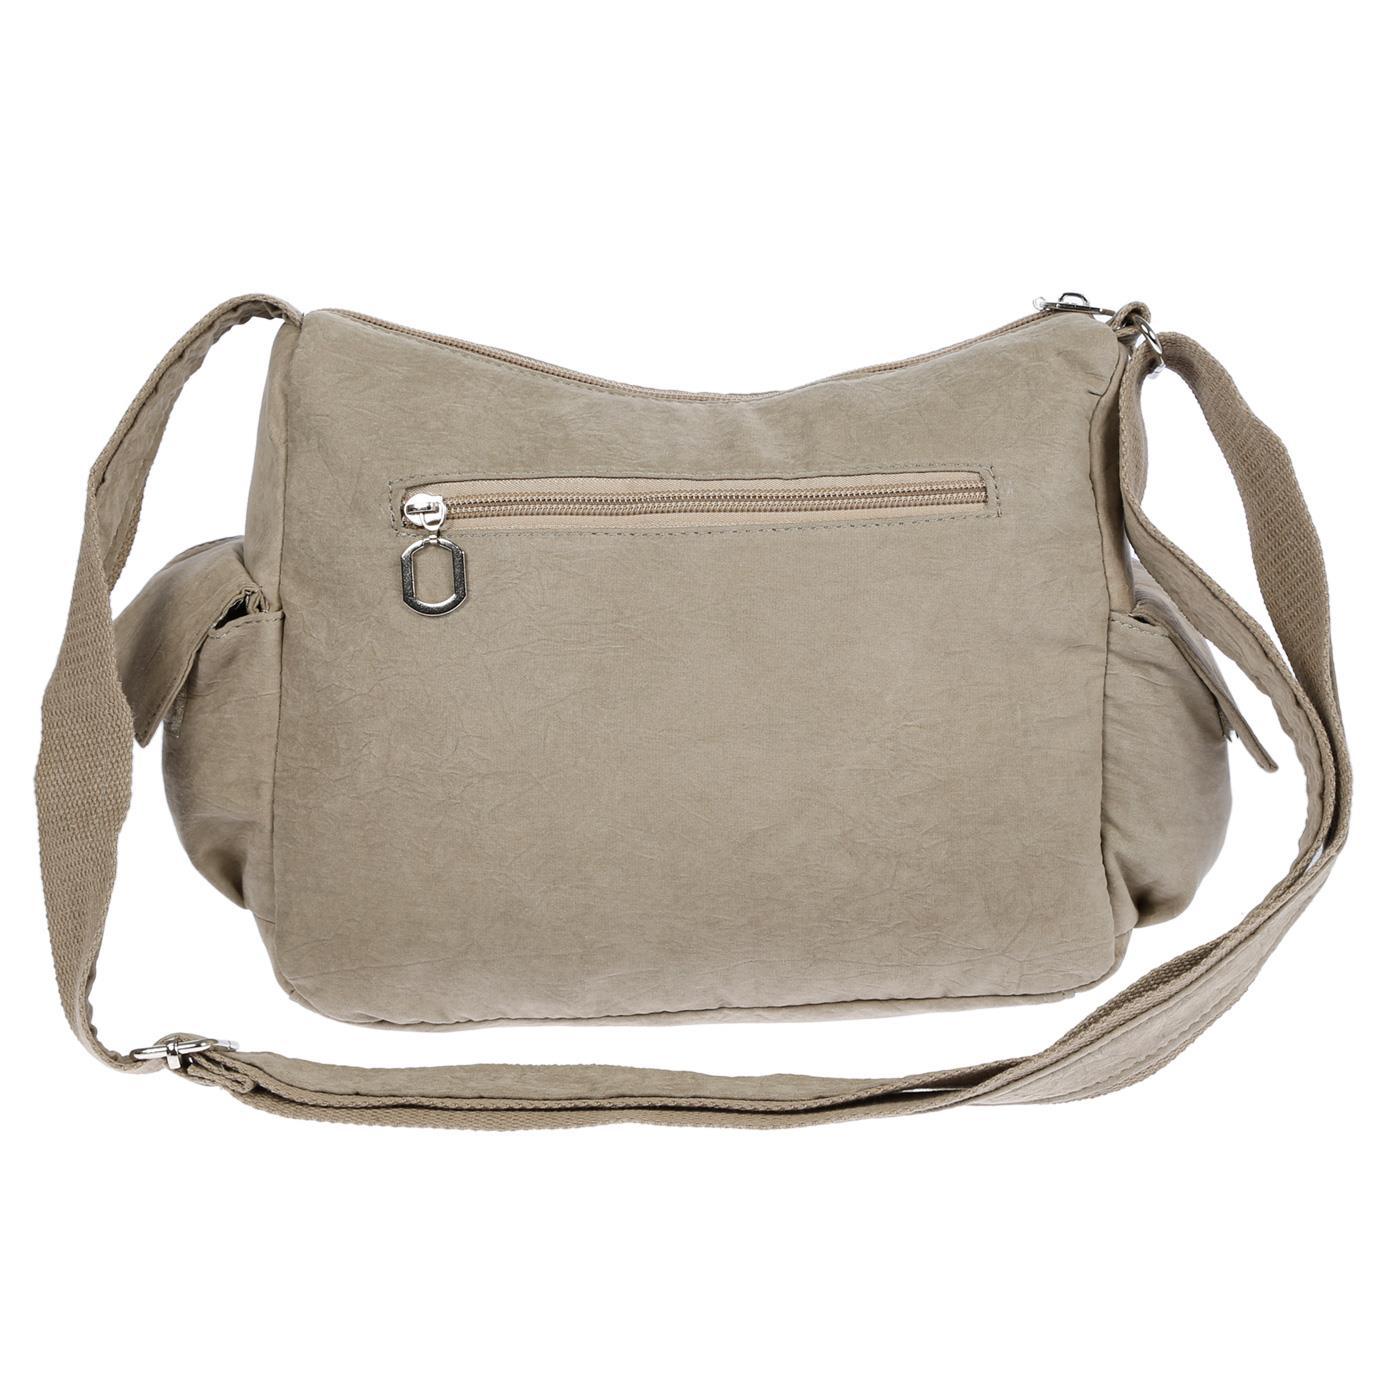 Damenhandtasche-Schultertasche-Tasche-Umhaengetasche-Canvas-Shopper-Crossover-Bag Indexbild 39